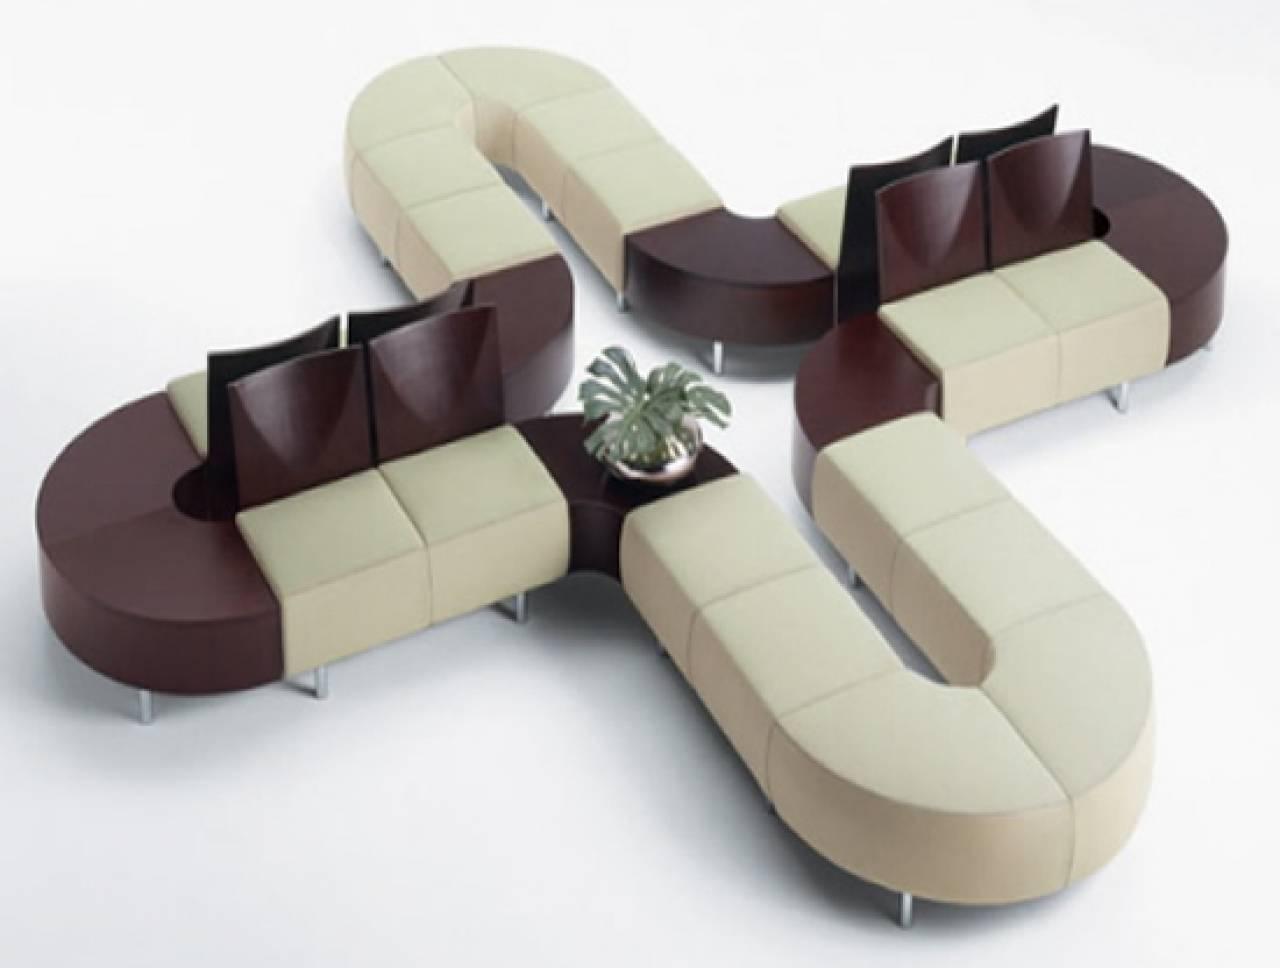 Unique Sofas And Chairs Unusual Living Room Sofa Elegant Furniture pertaining to Unusual Sofa (Image 18 of 23)